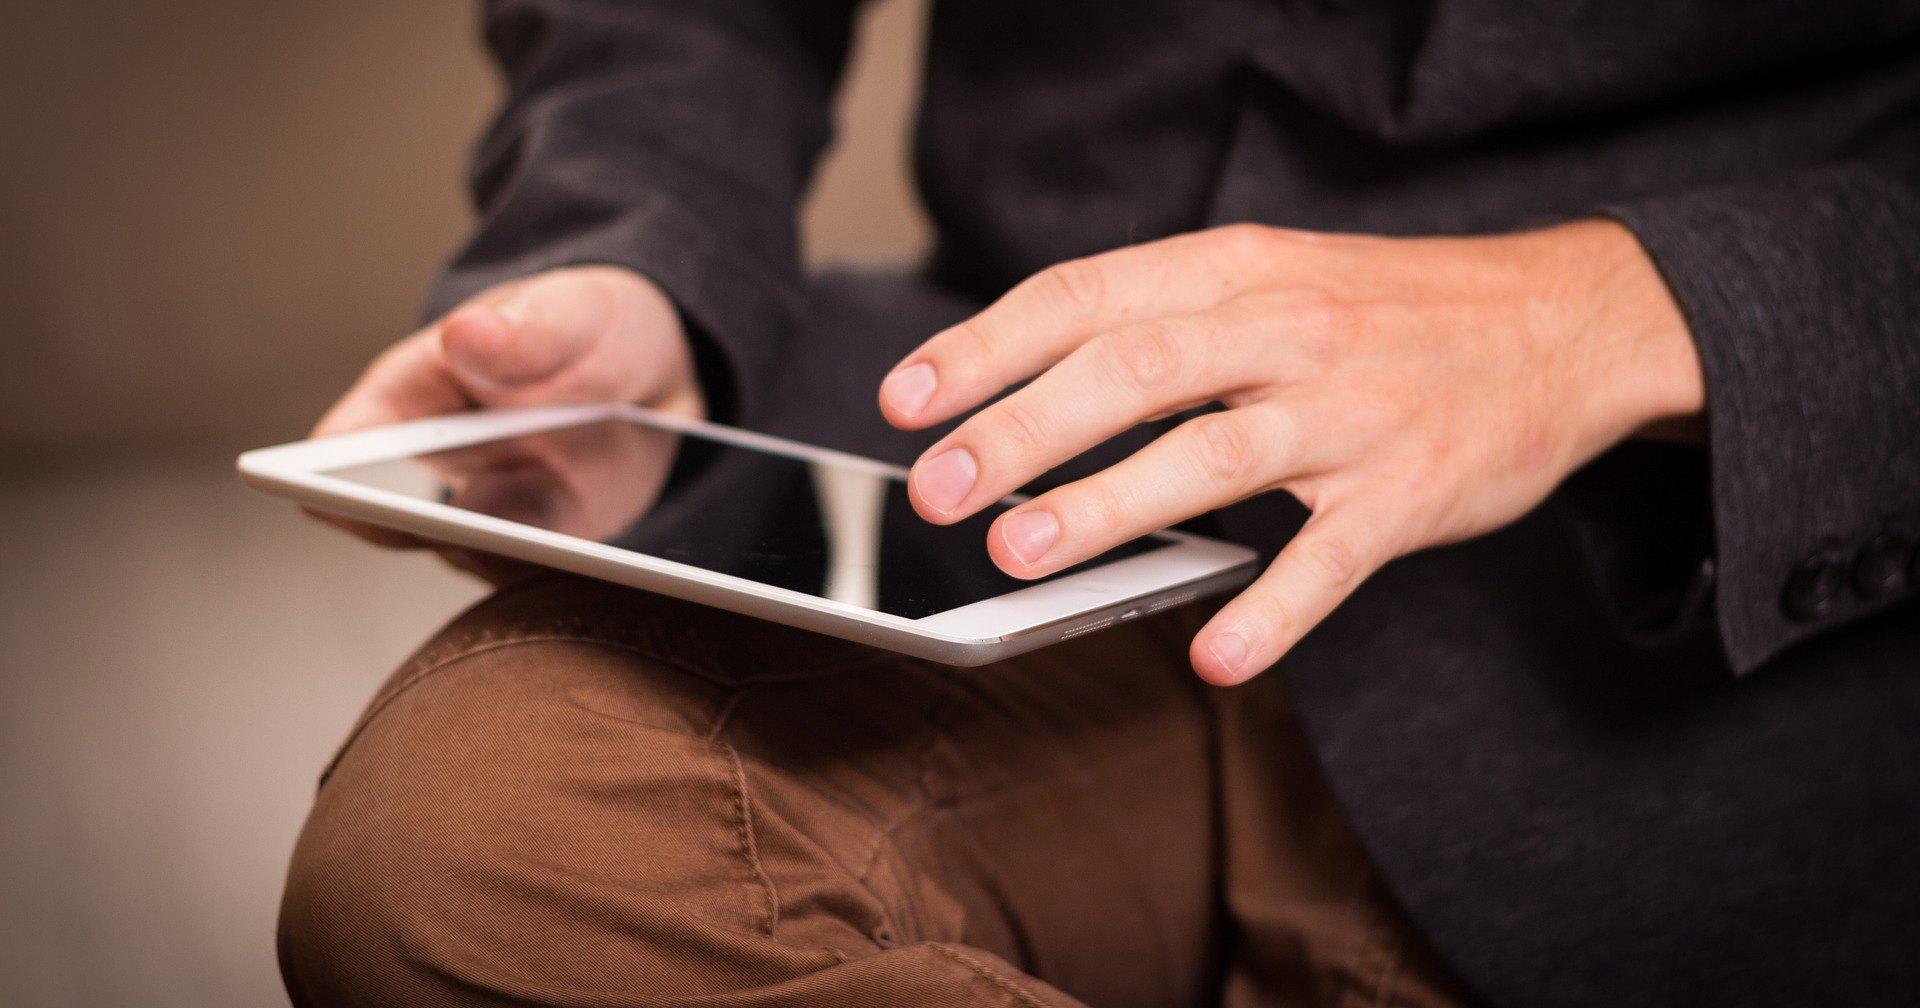 От iPad до инвалидного джойстика: главные гаджеты 2010-х